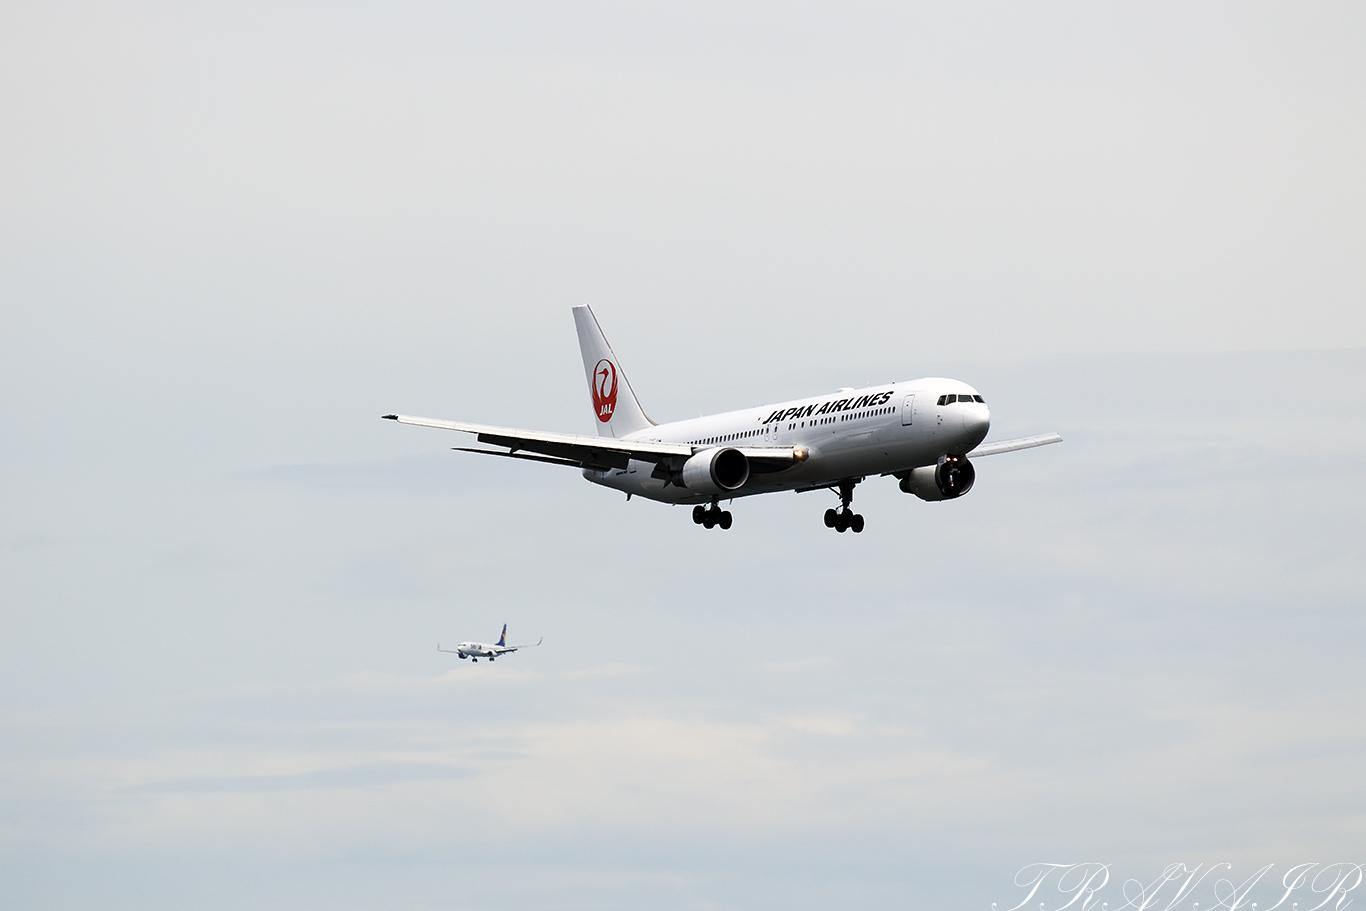 JL/JAL/日本航空 JL456 B767-300ER JA655J